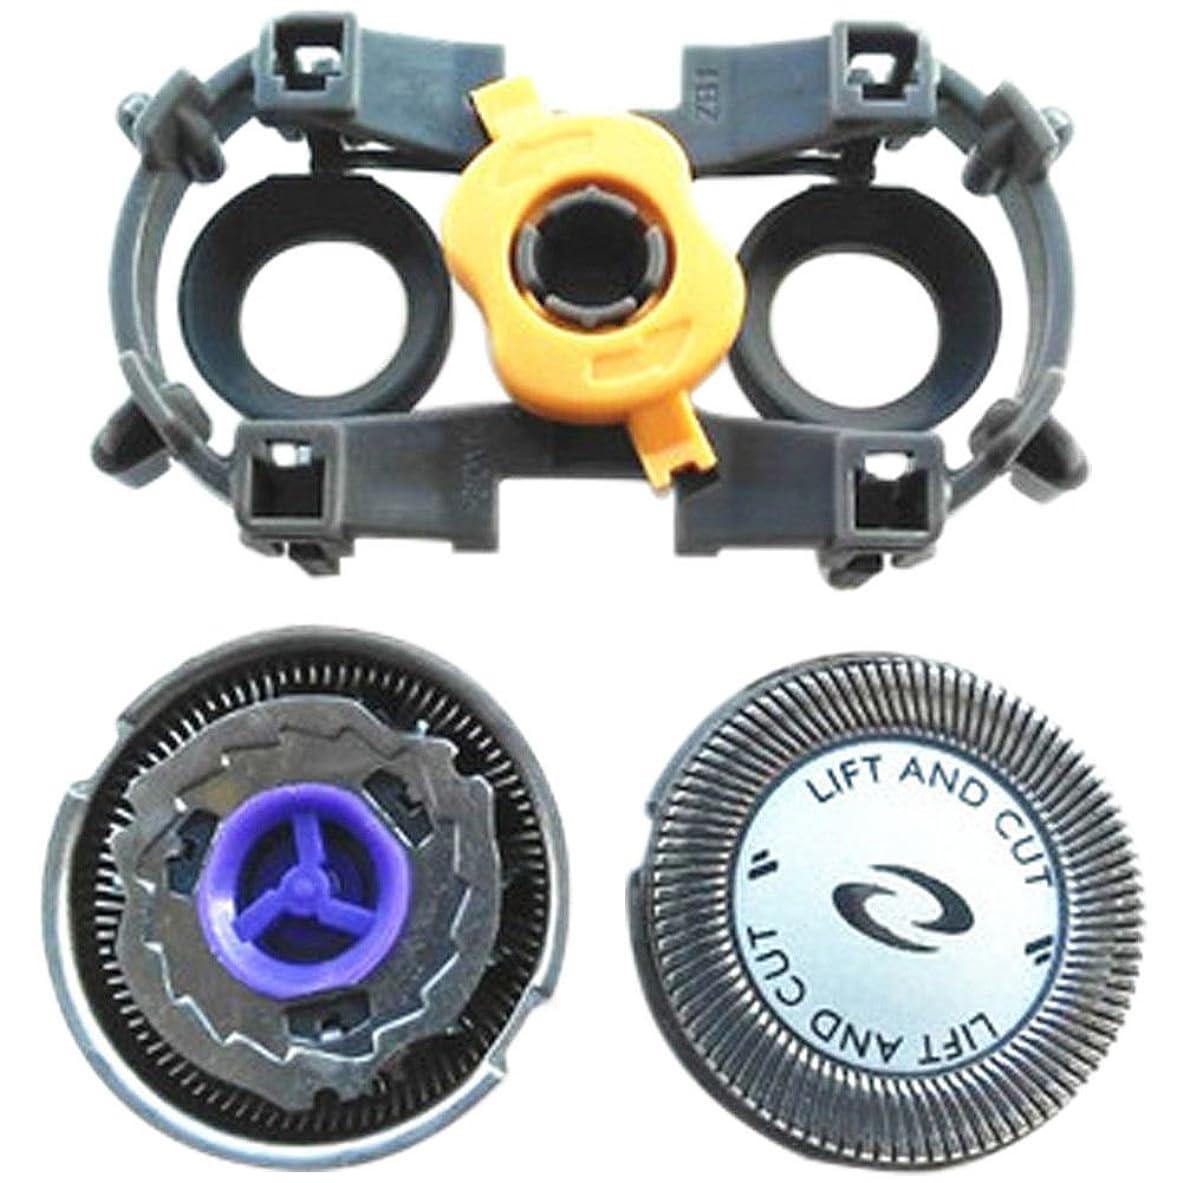 適合キャベツカテゴリーHzjundasi 置換 シェーバー 頭 刃/キャリーバッグ/フォイル カッター HQ56 for Philips PQ210 PQ216